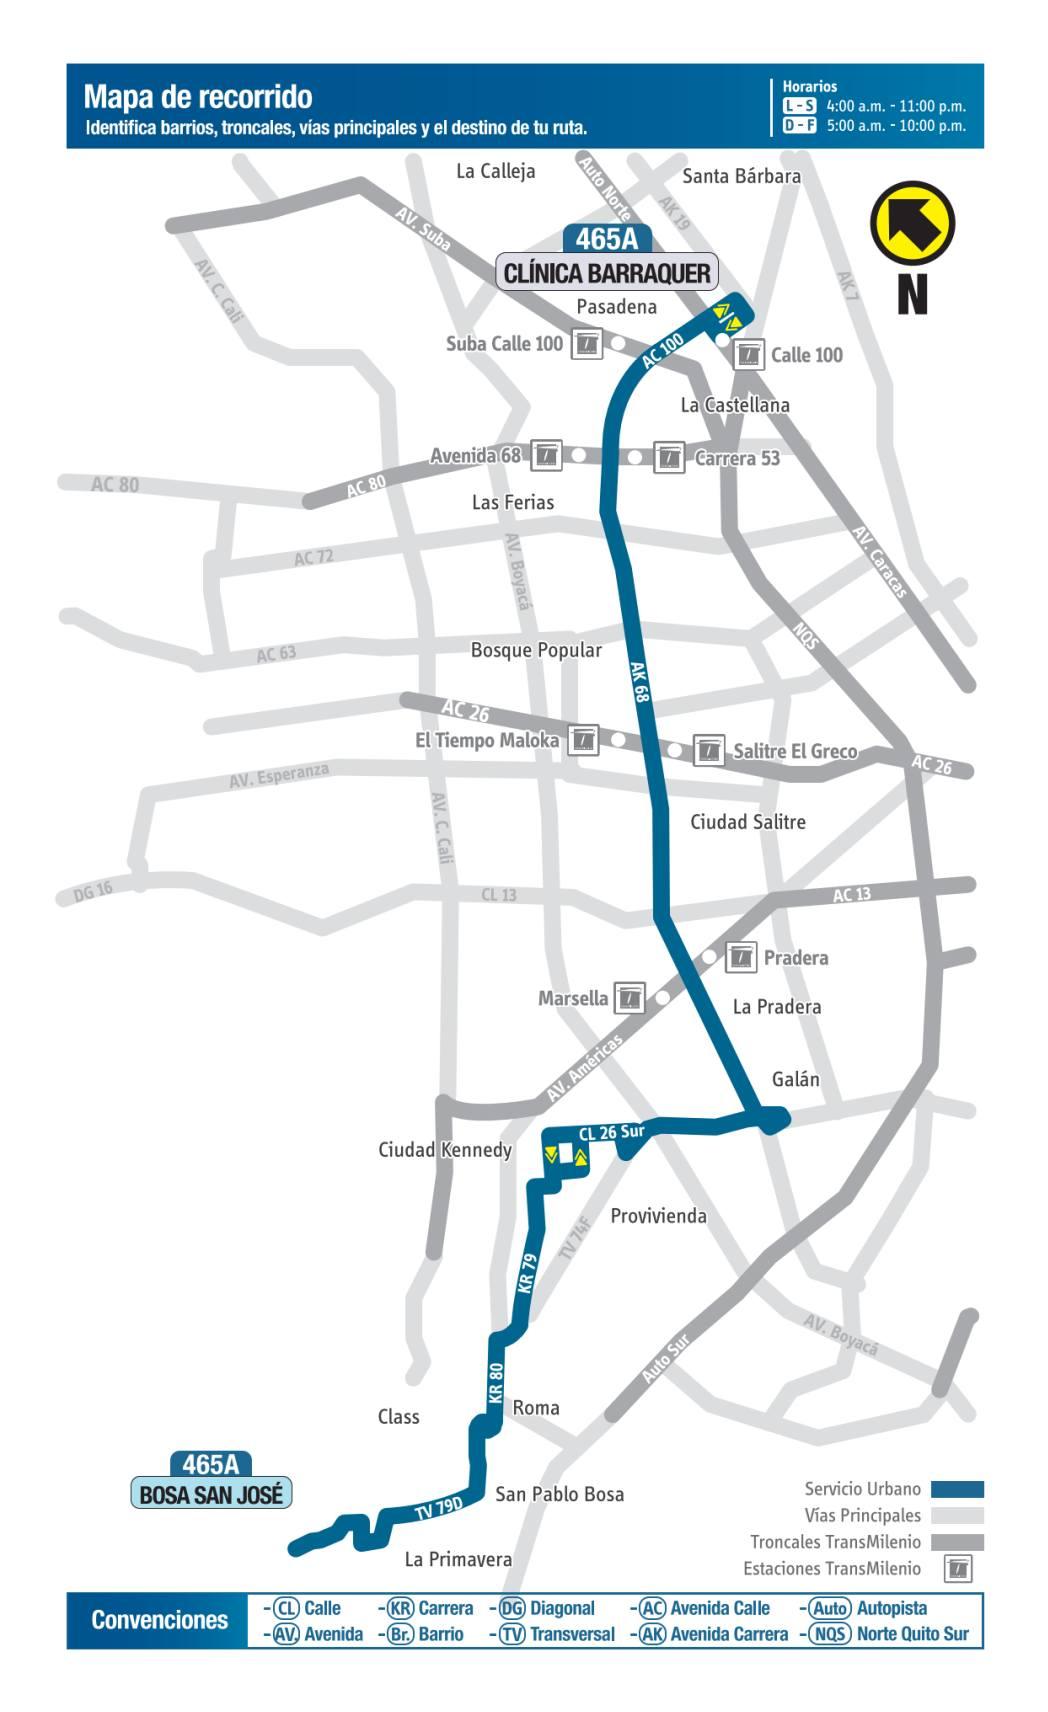 465A Bosa San José - Clínica Barraquer, mapa bus urbano Bogotá